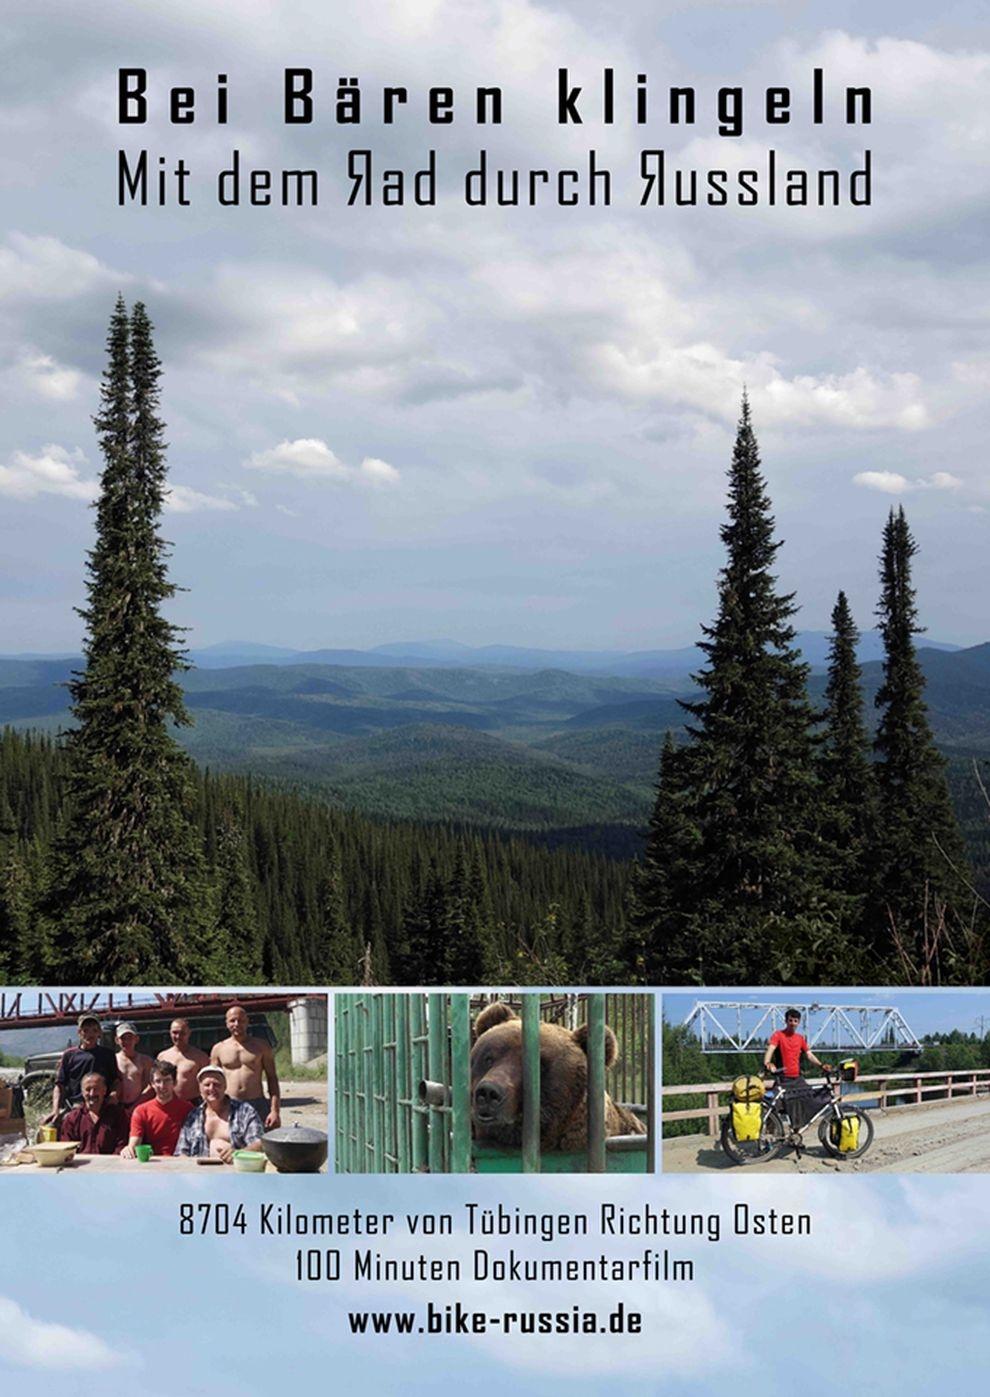 Bei Bären klingeln - mit dem Fahrrad von Tübingen zum Baikalsee (Poster)